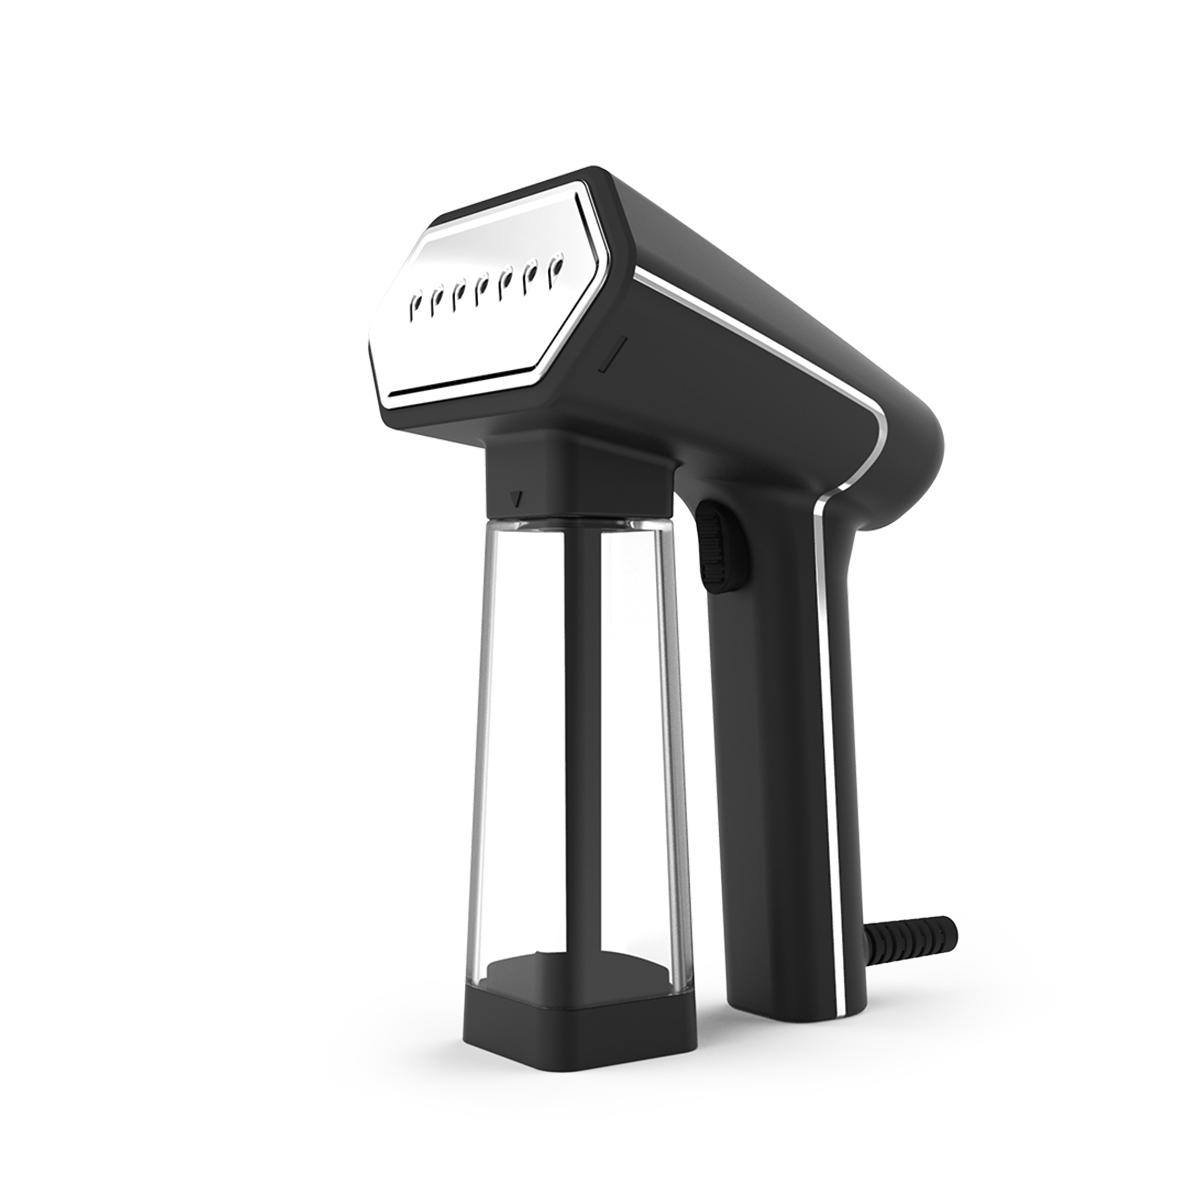 法國 SteamOne S-NOMAD手持式蒸氣掛燙機